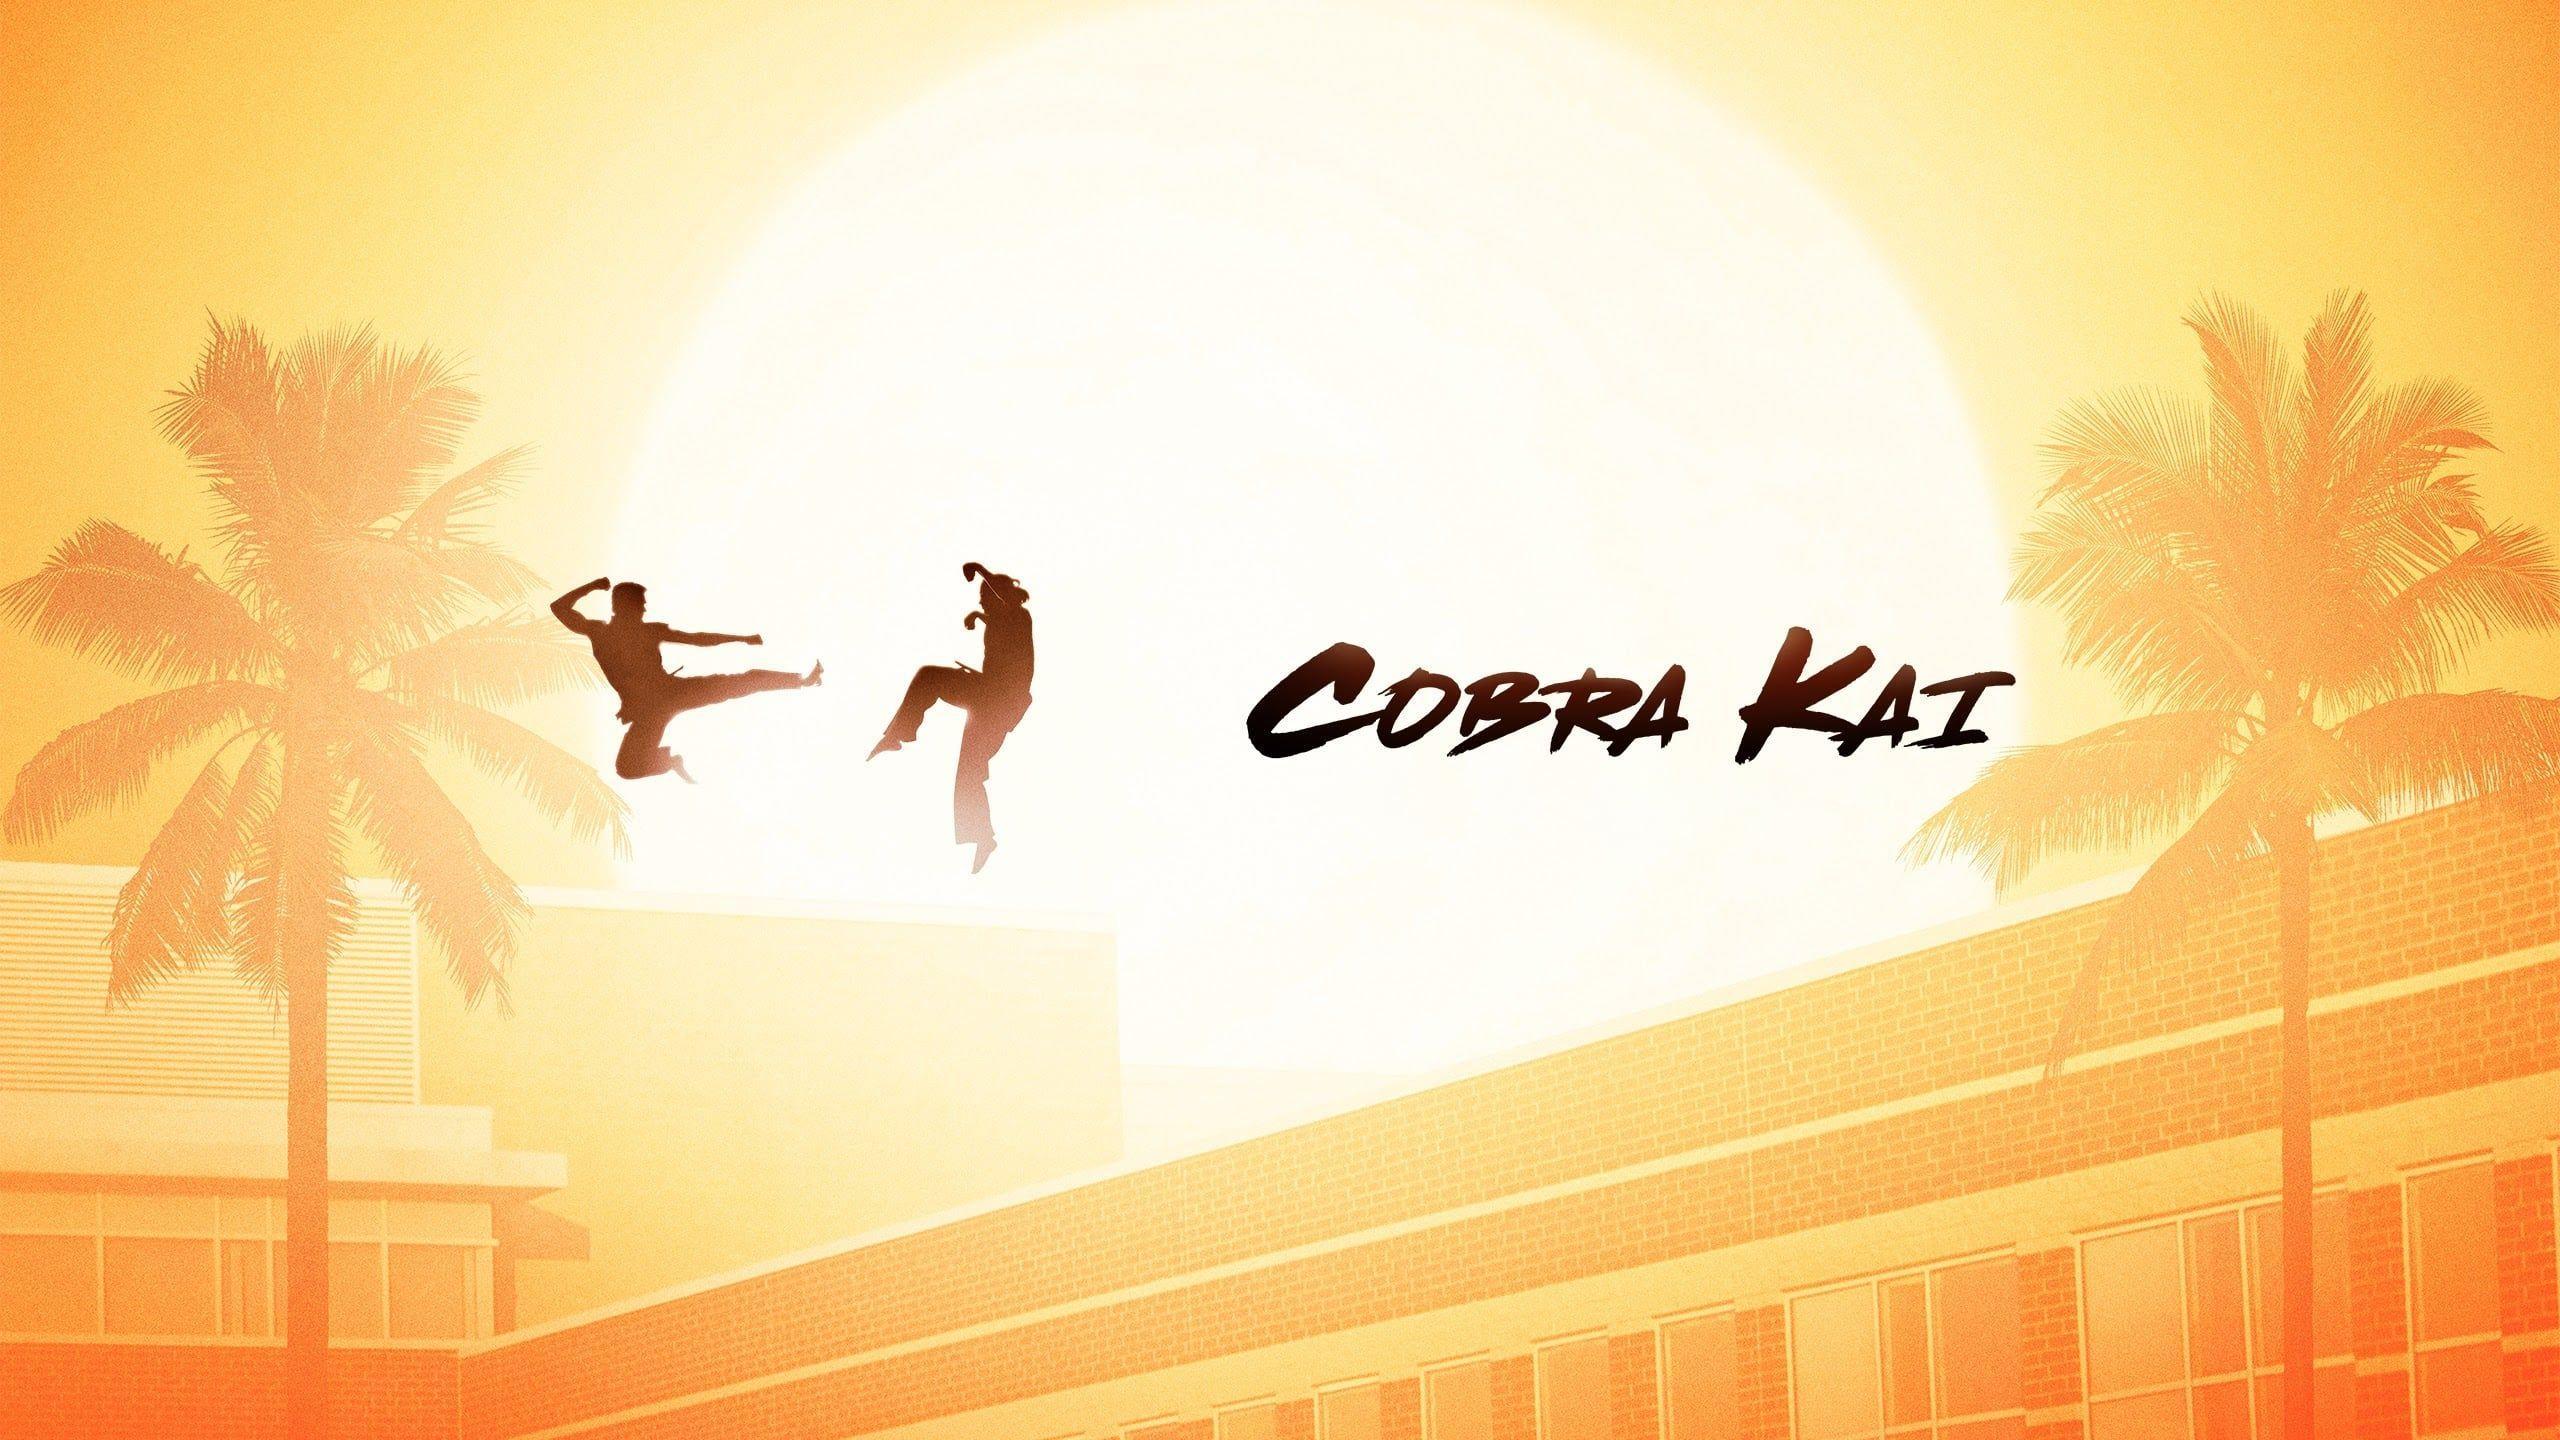 cobra kai cast 2018